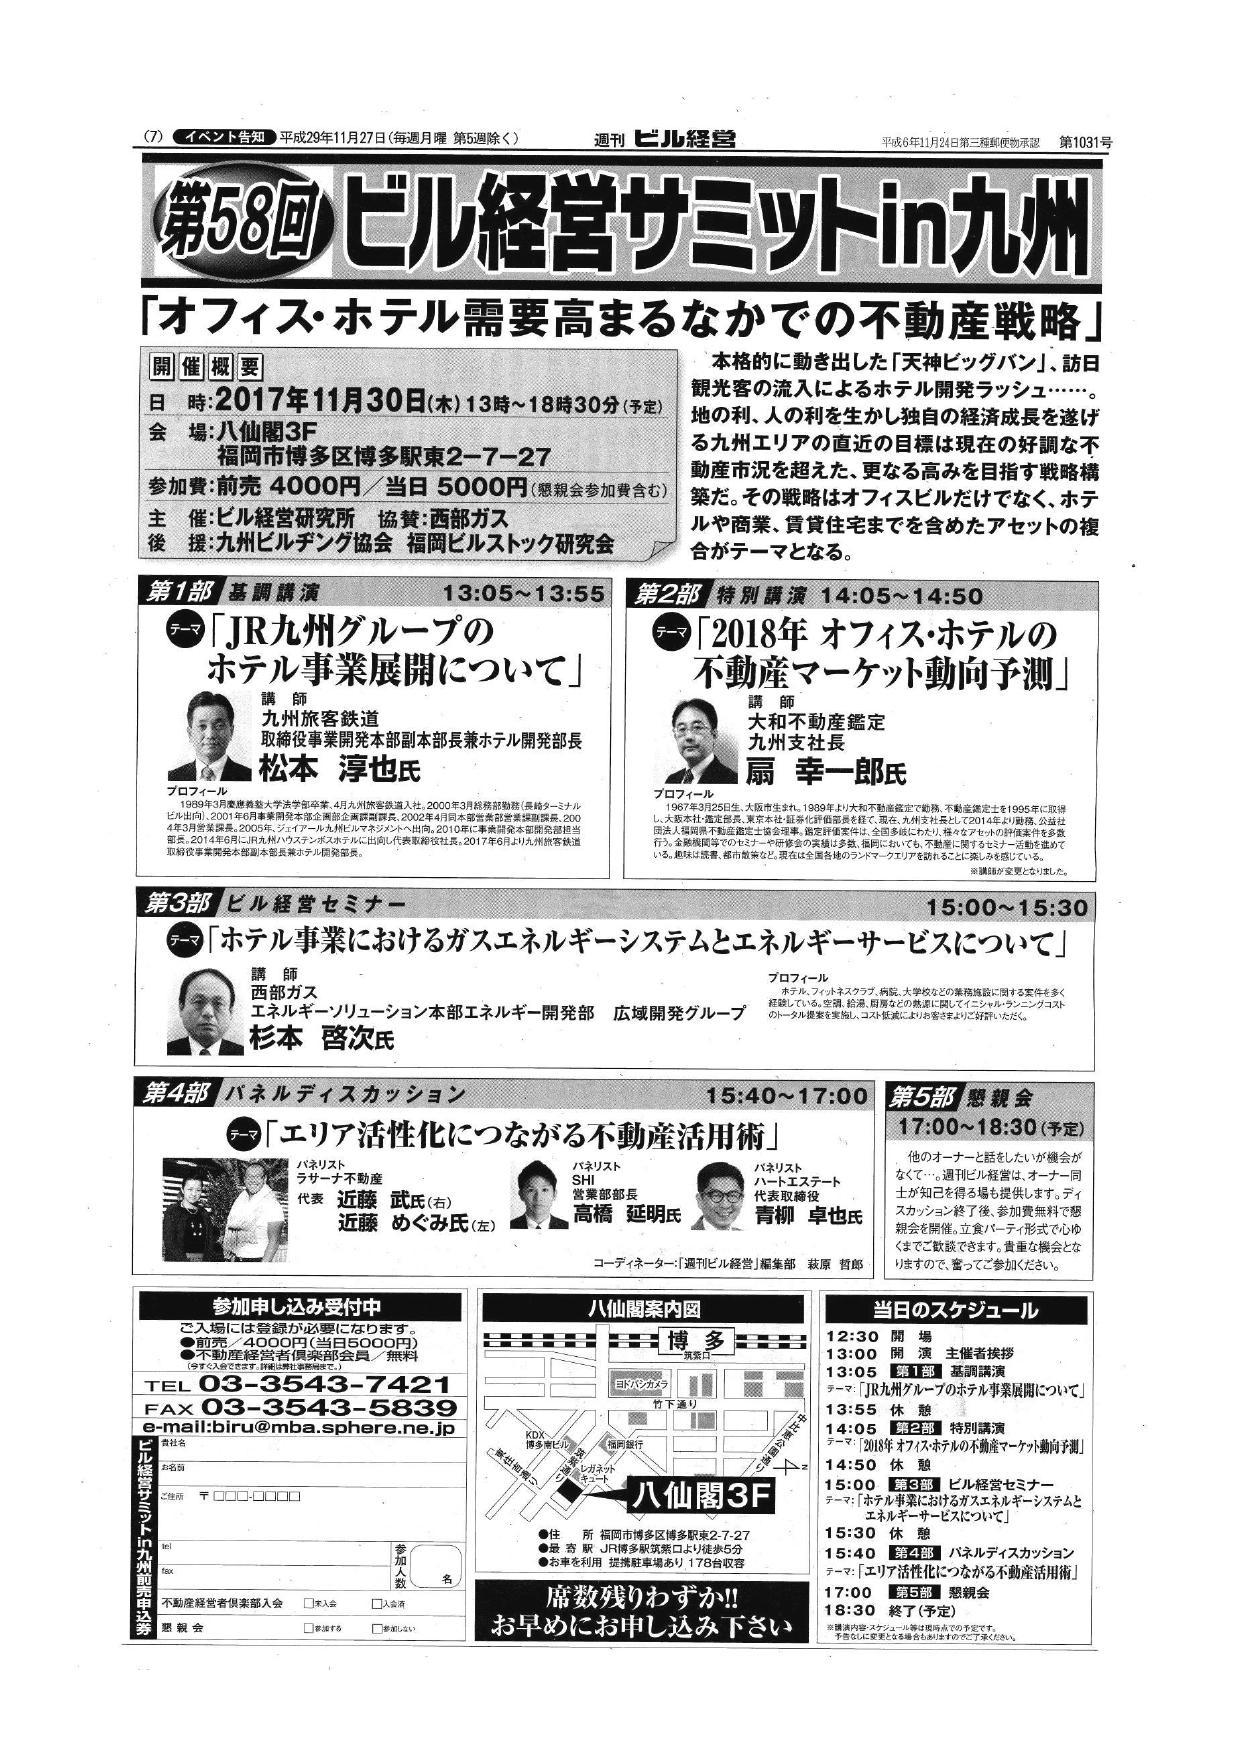 ビル経営サミットin九州